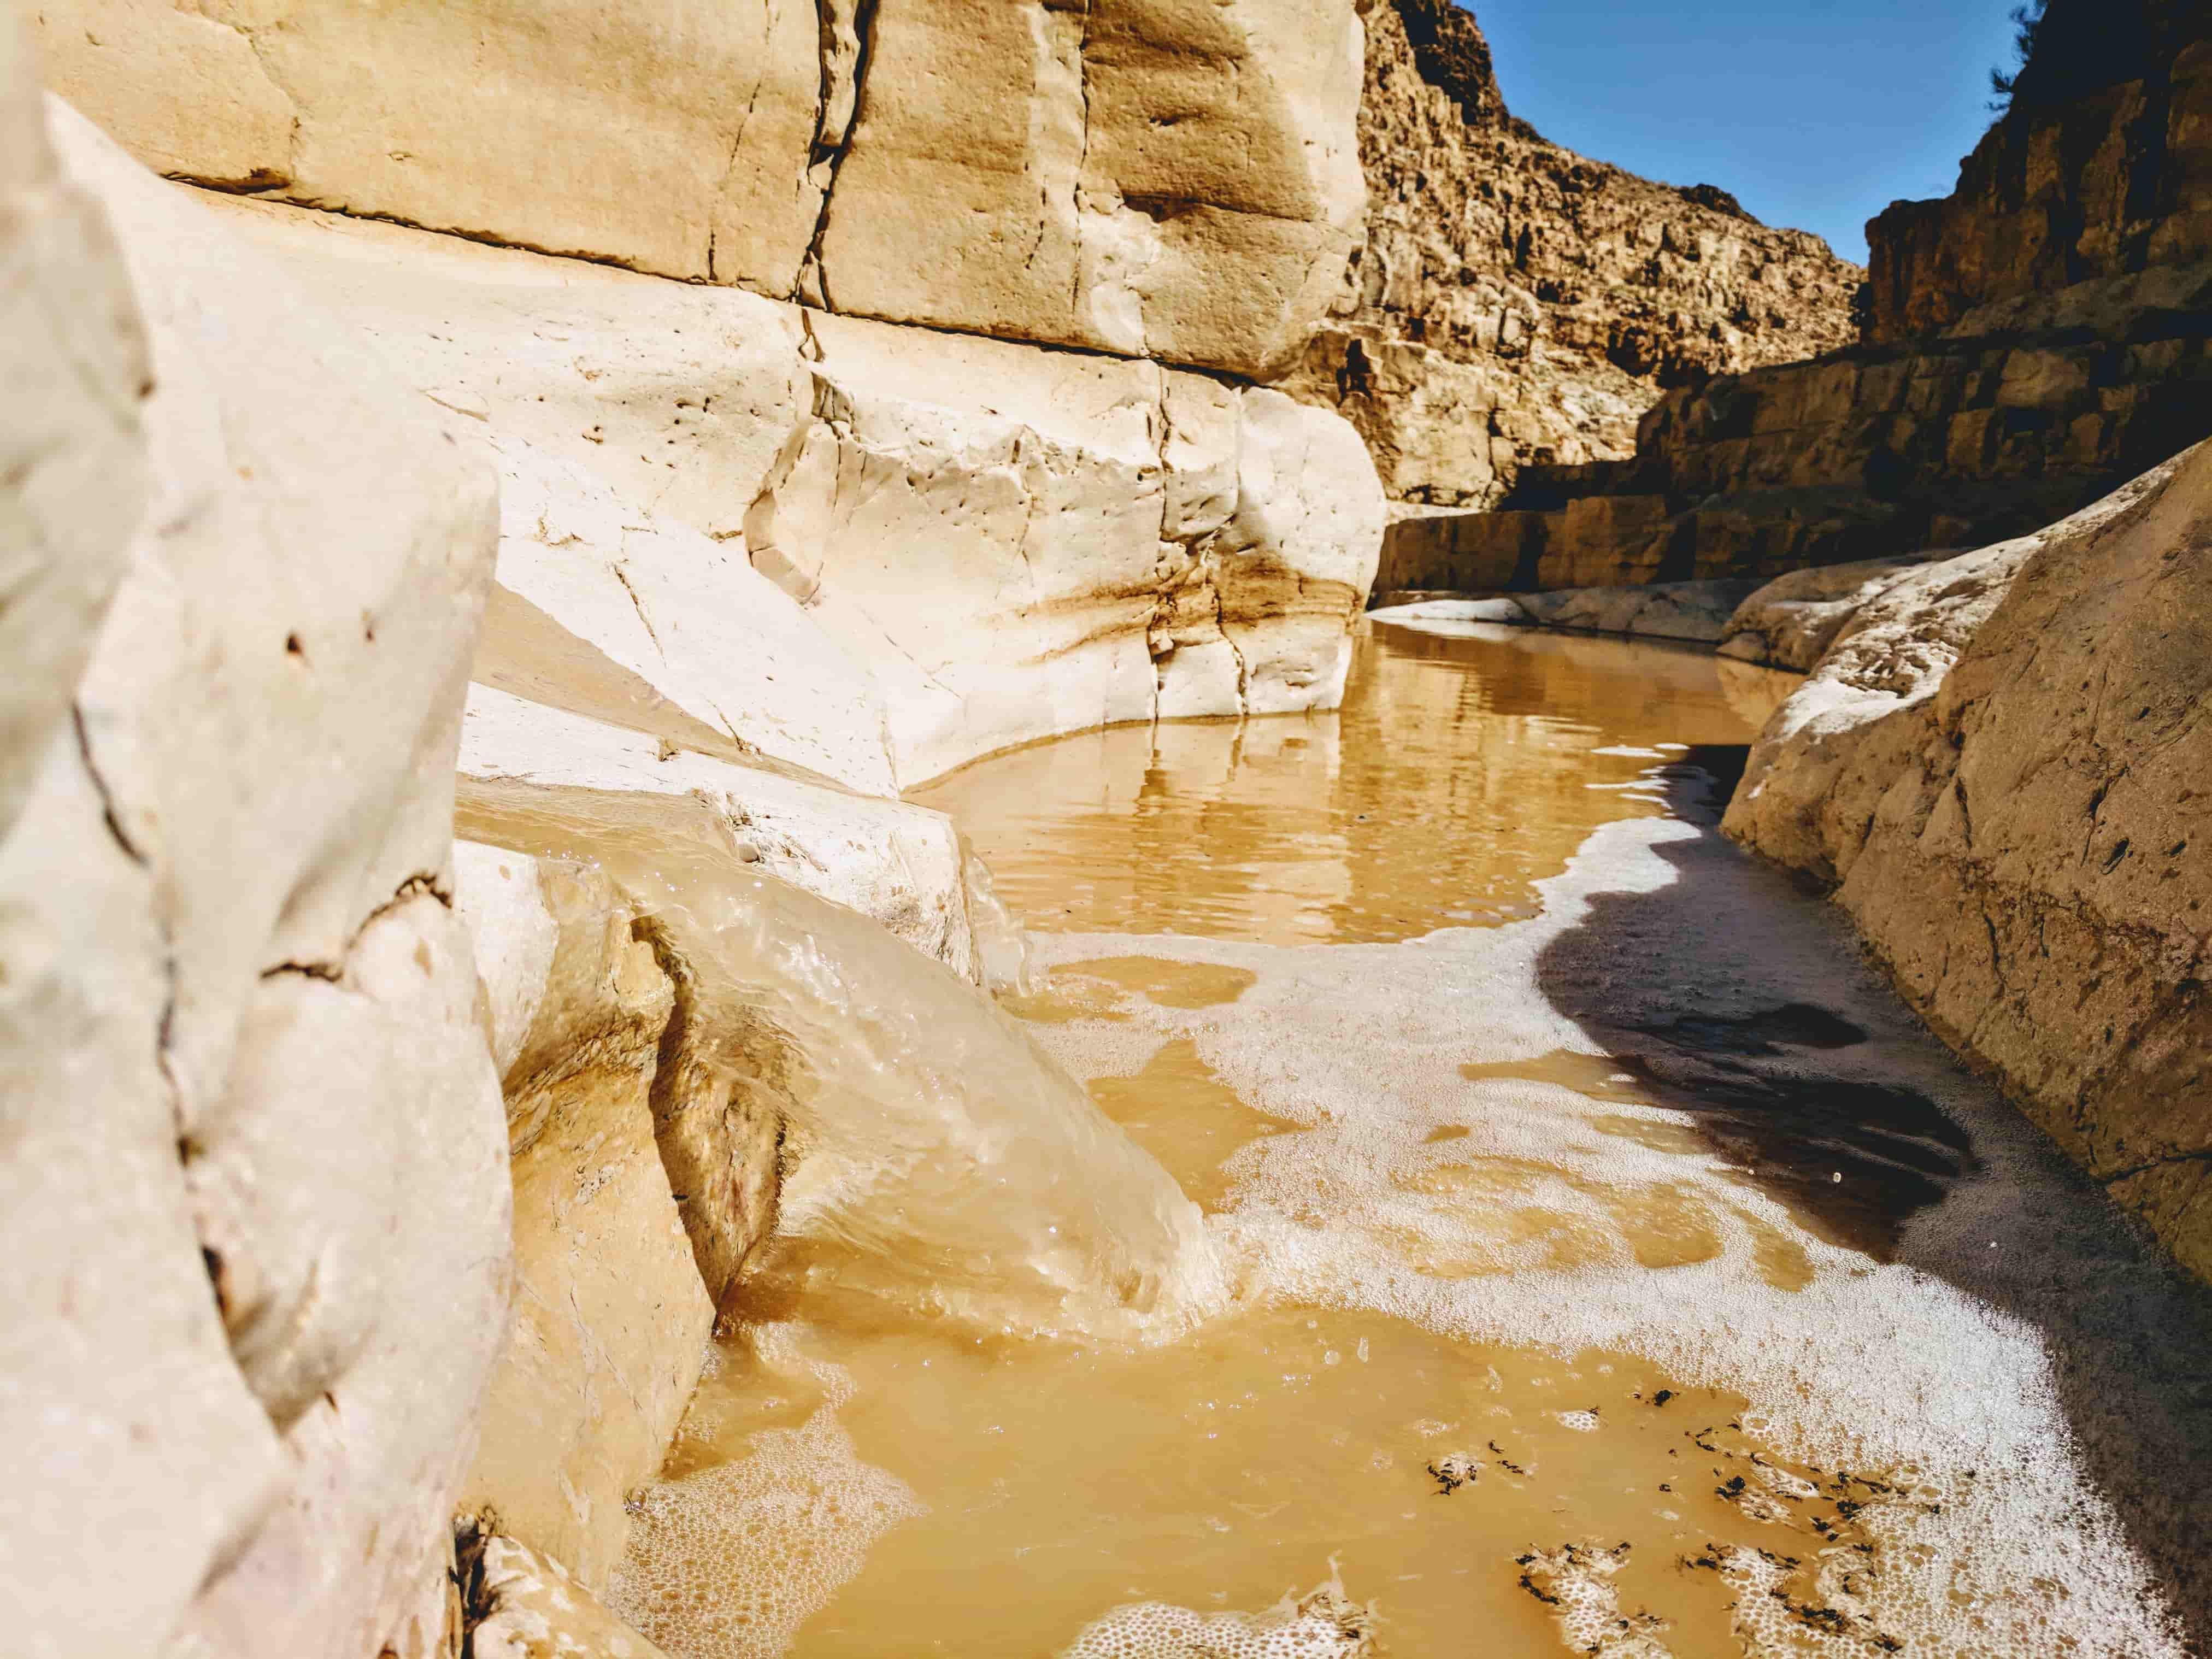 מים זורמים בנחל צאלים אחרי שטפון.